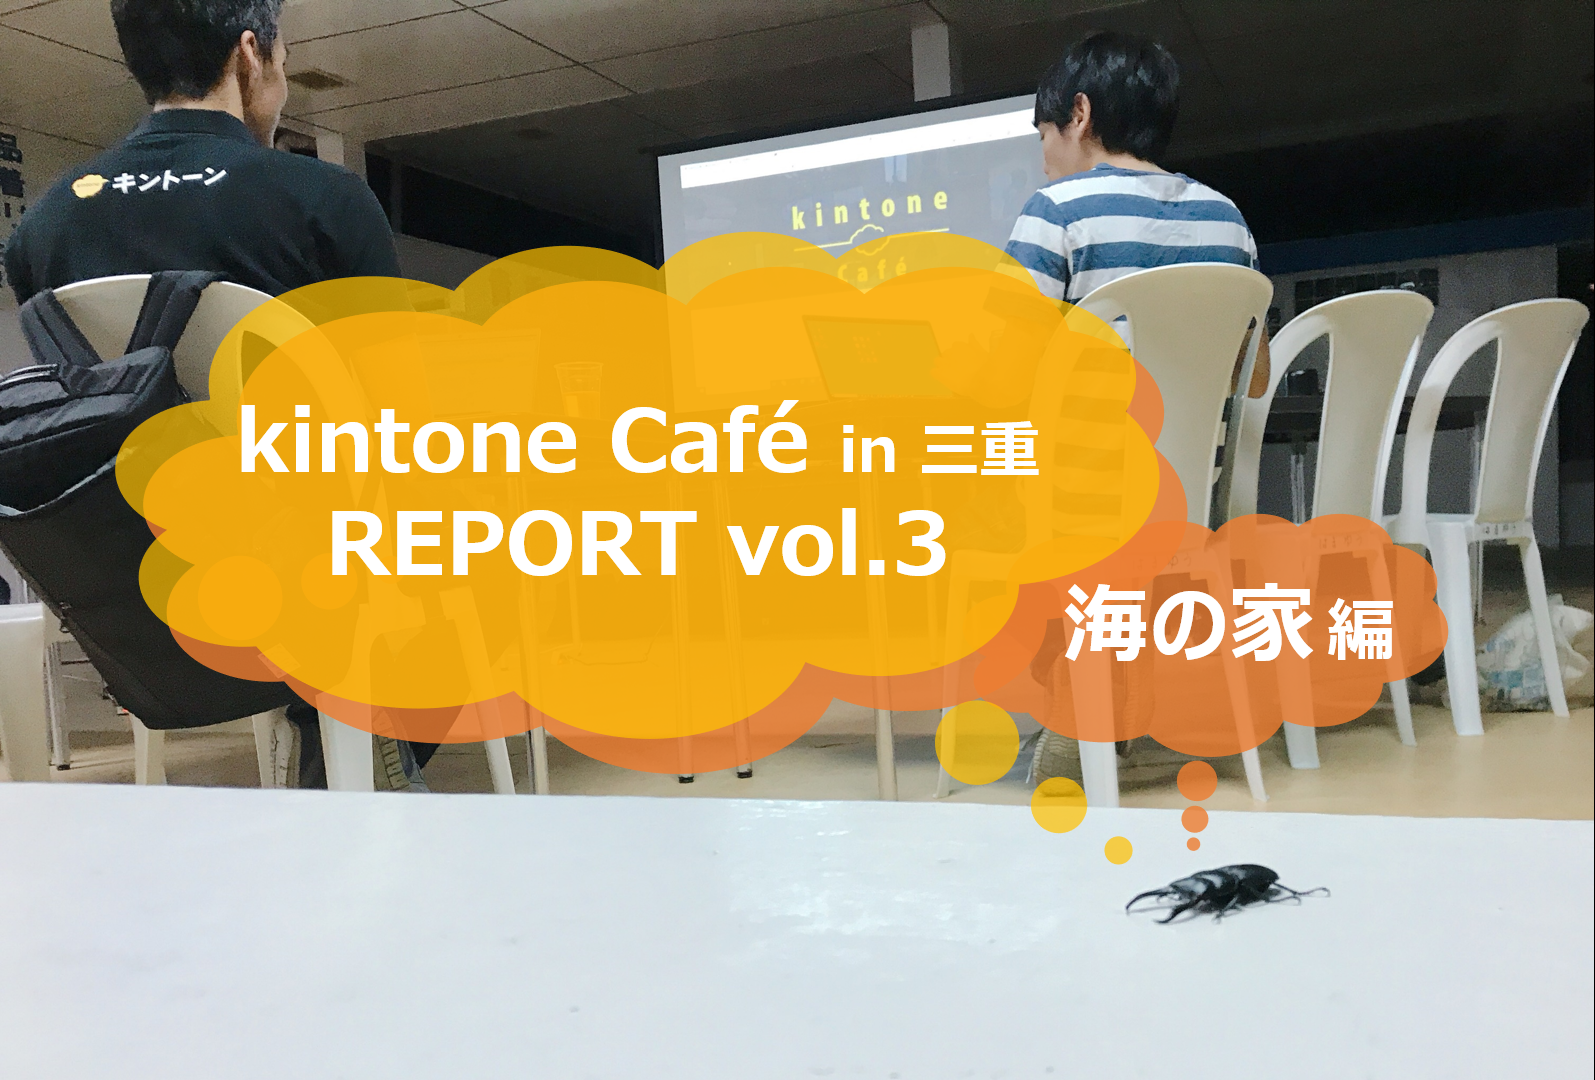 kintone Café(キントーンカフェ)三重Vol.3に参加してきました